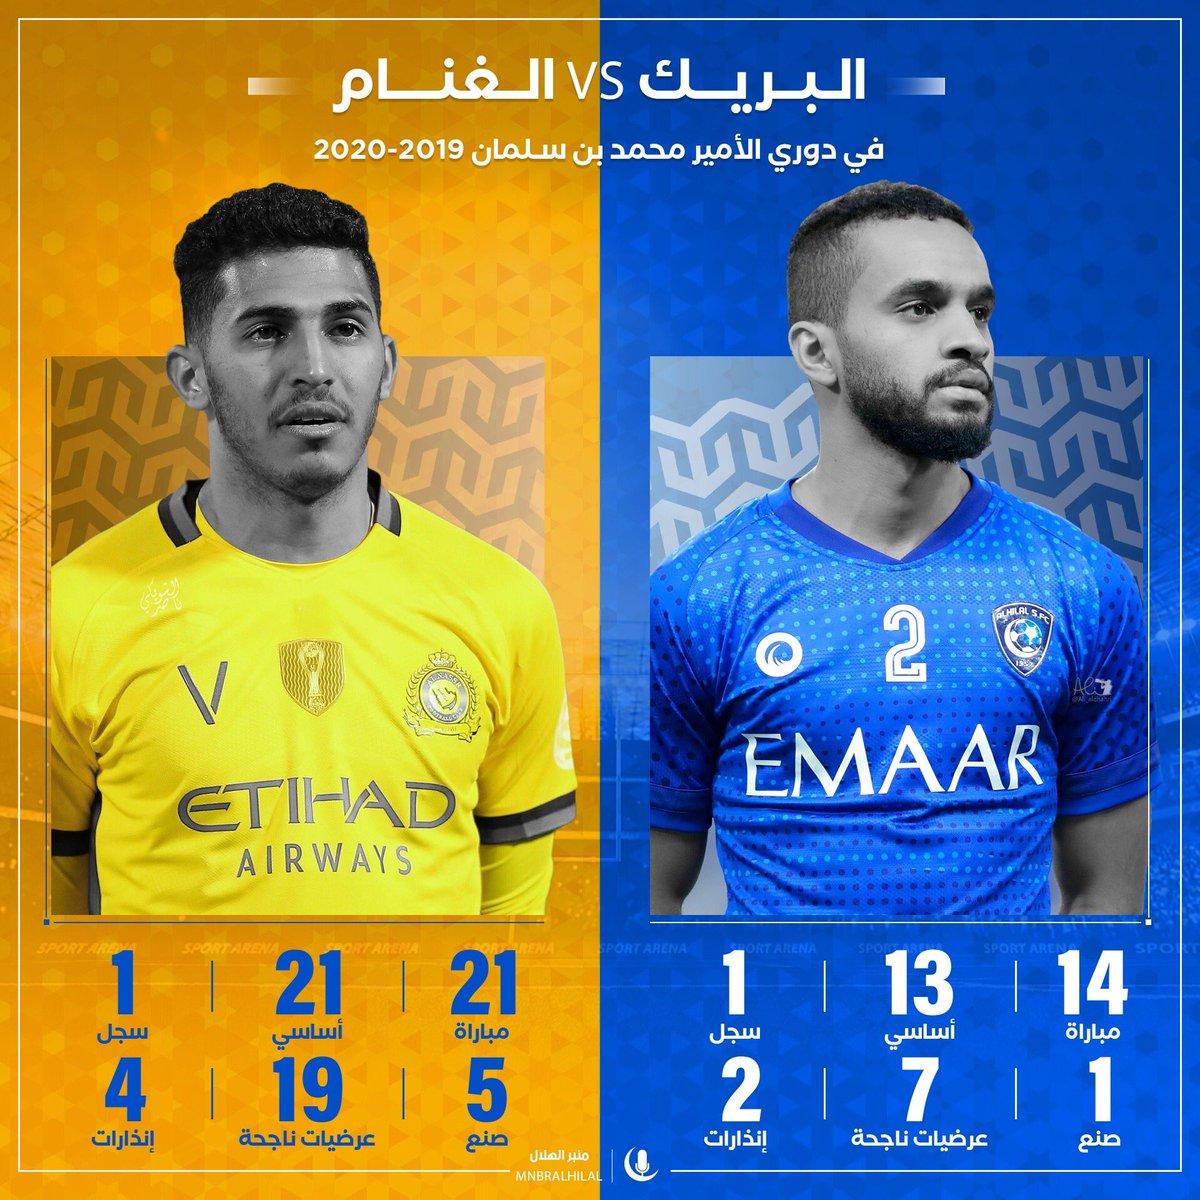 منبر الهلال Tren Twitter منبركم ي قدم لكم مقارنة بين لاعب الهلال محمد البريك V سلطان الغن ام